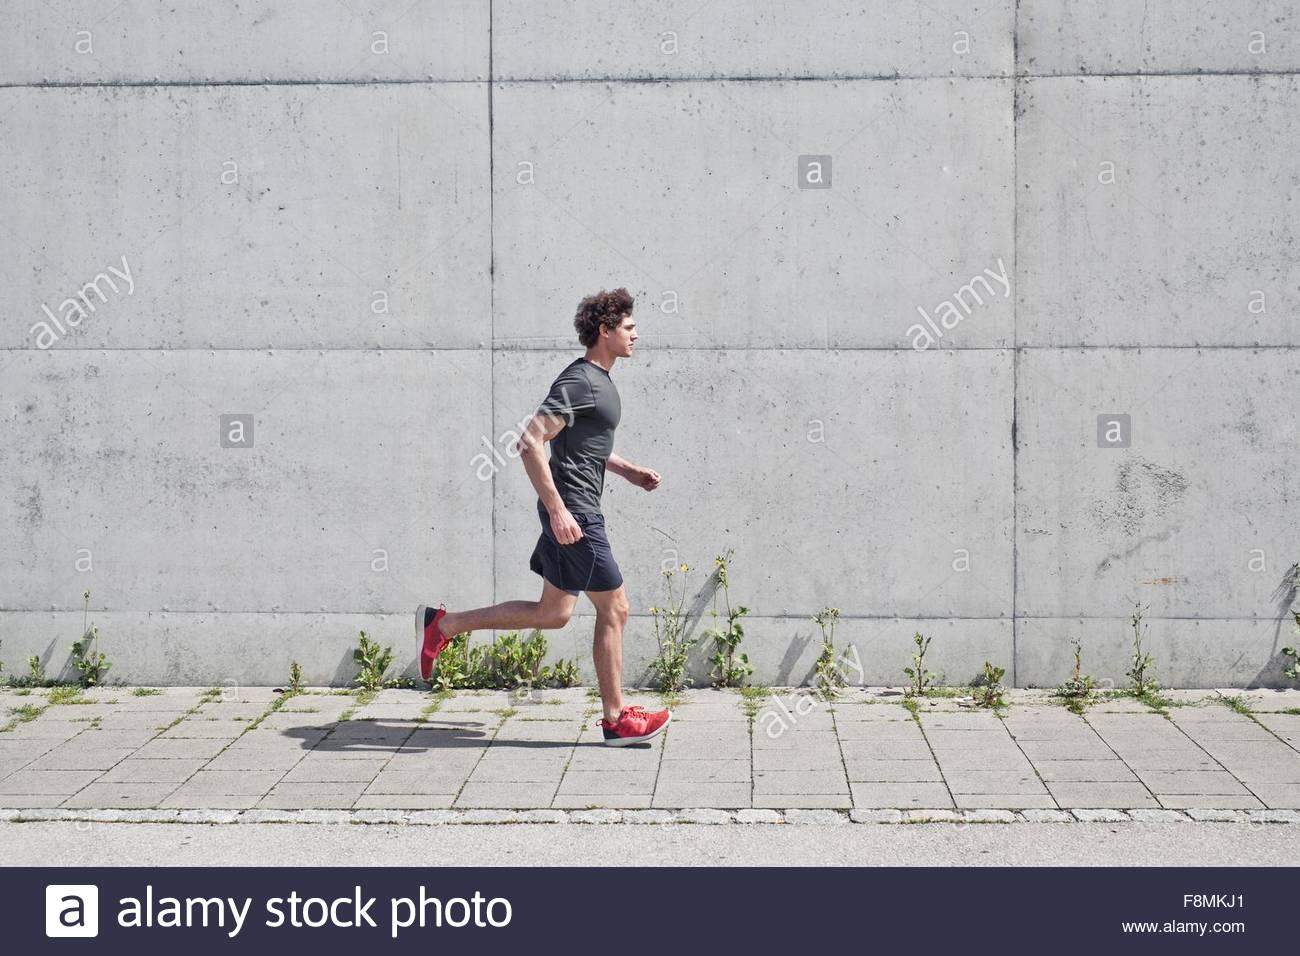 Junger Mann auf städtischen Bürgersteig entlang laufen Stockbild